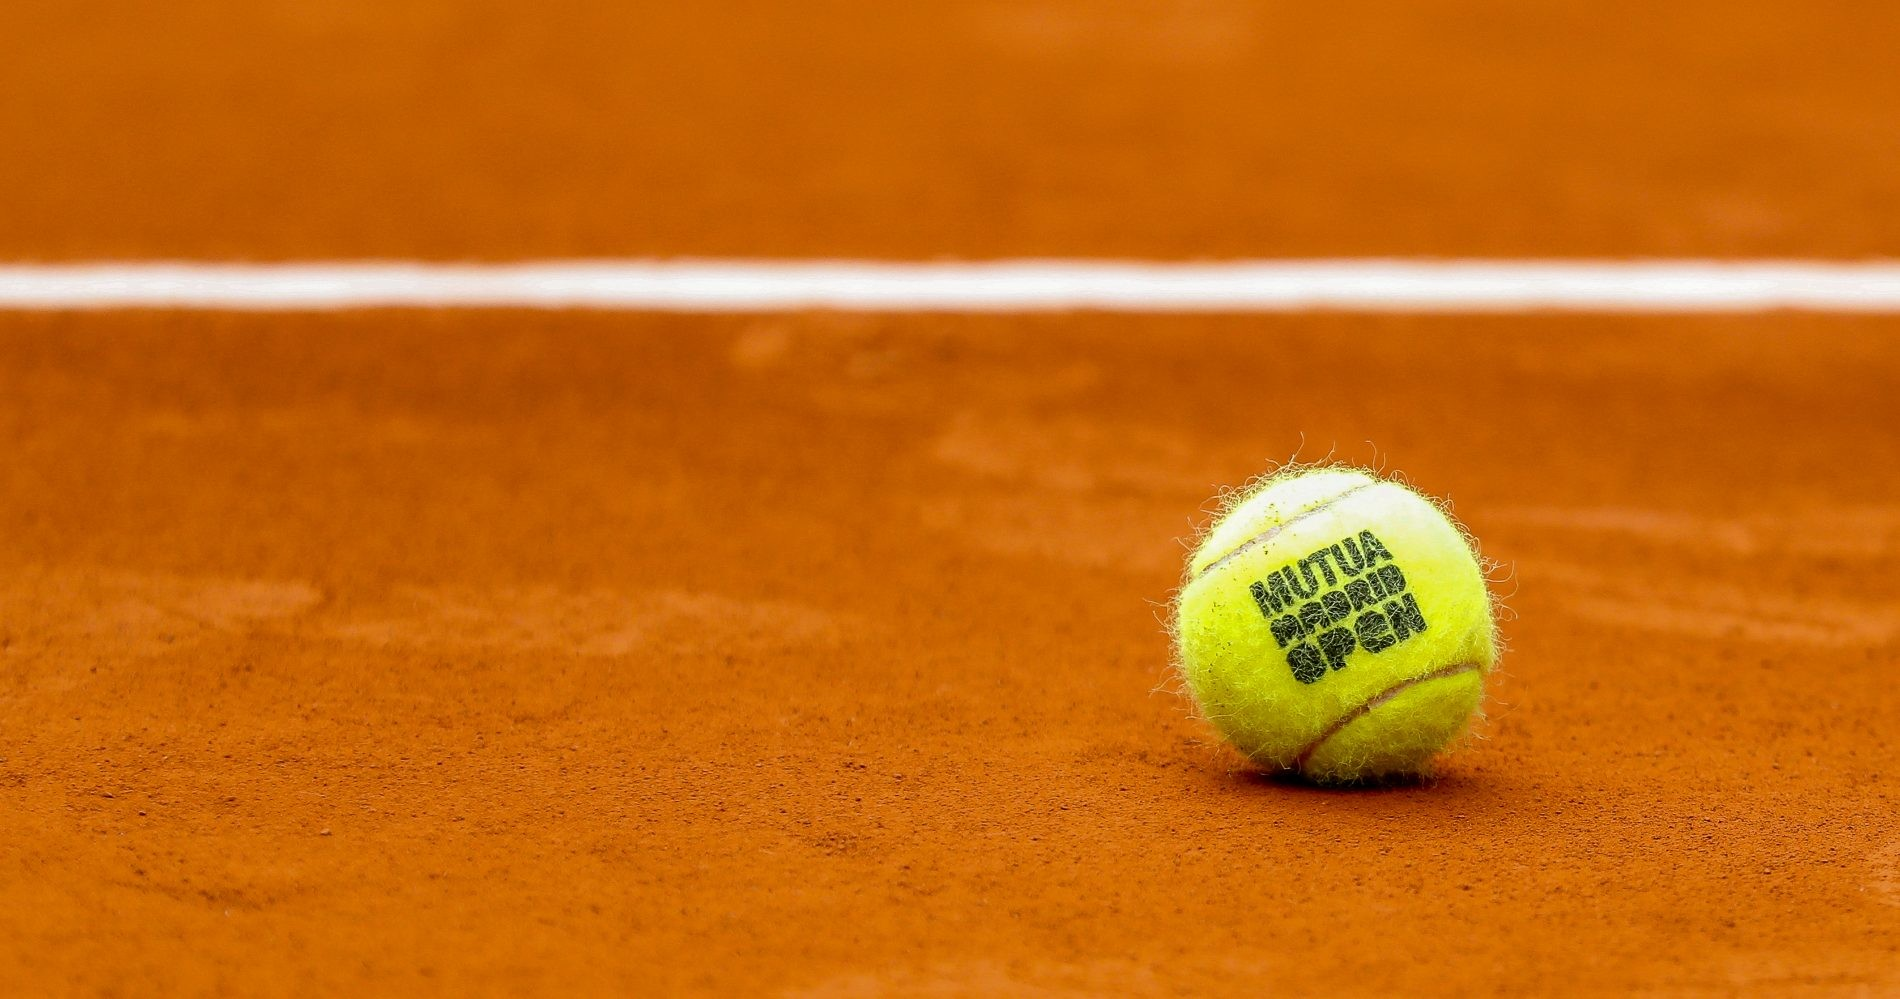 Madrid Tennis